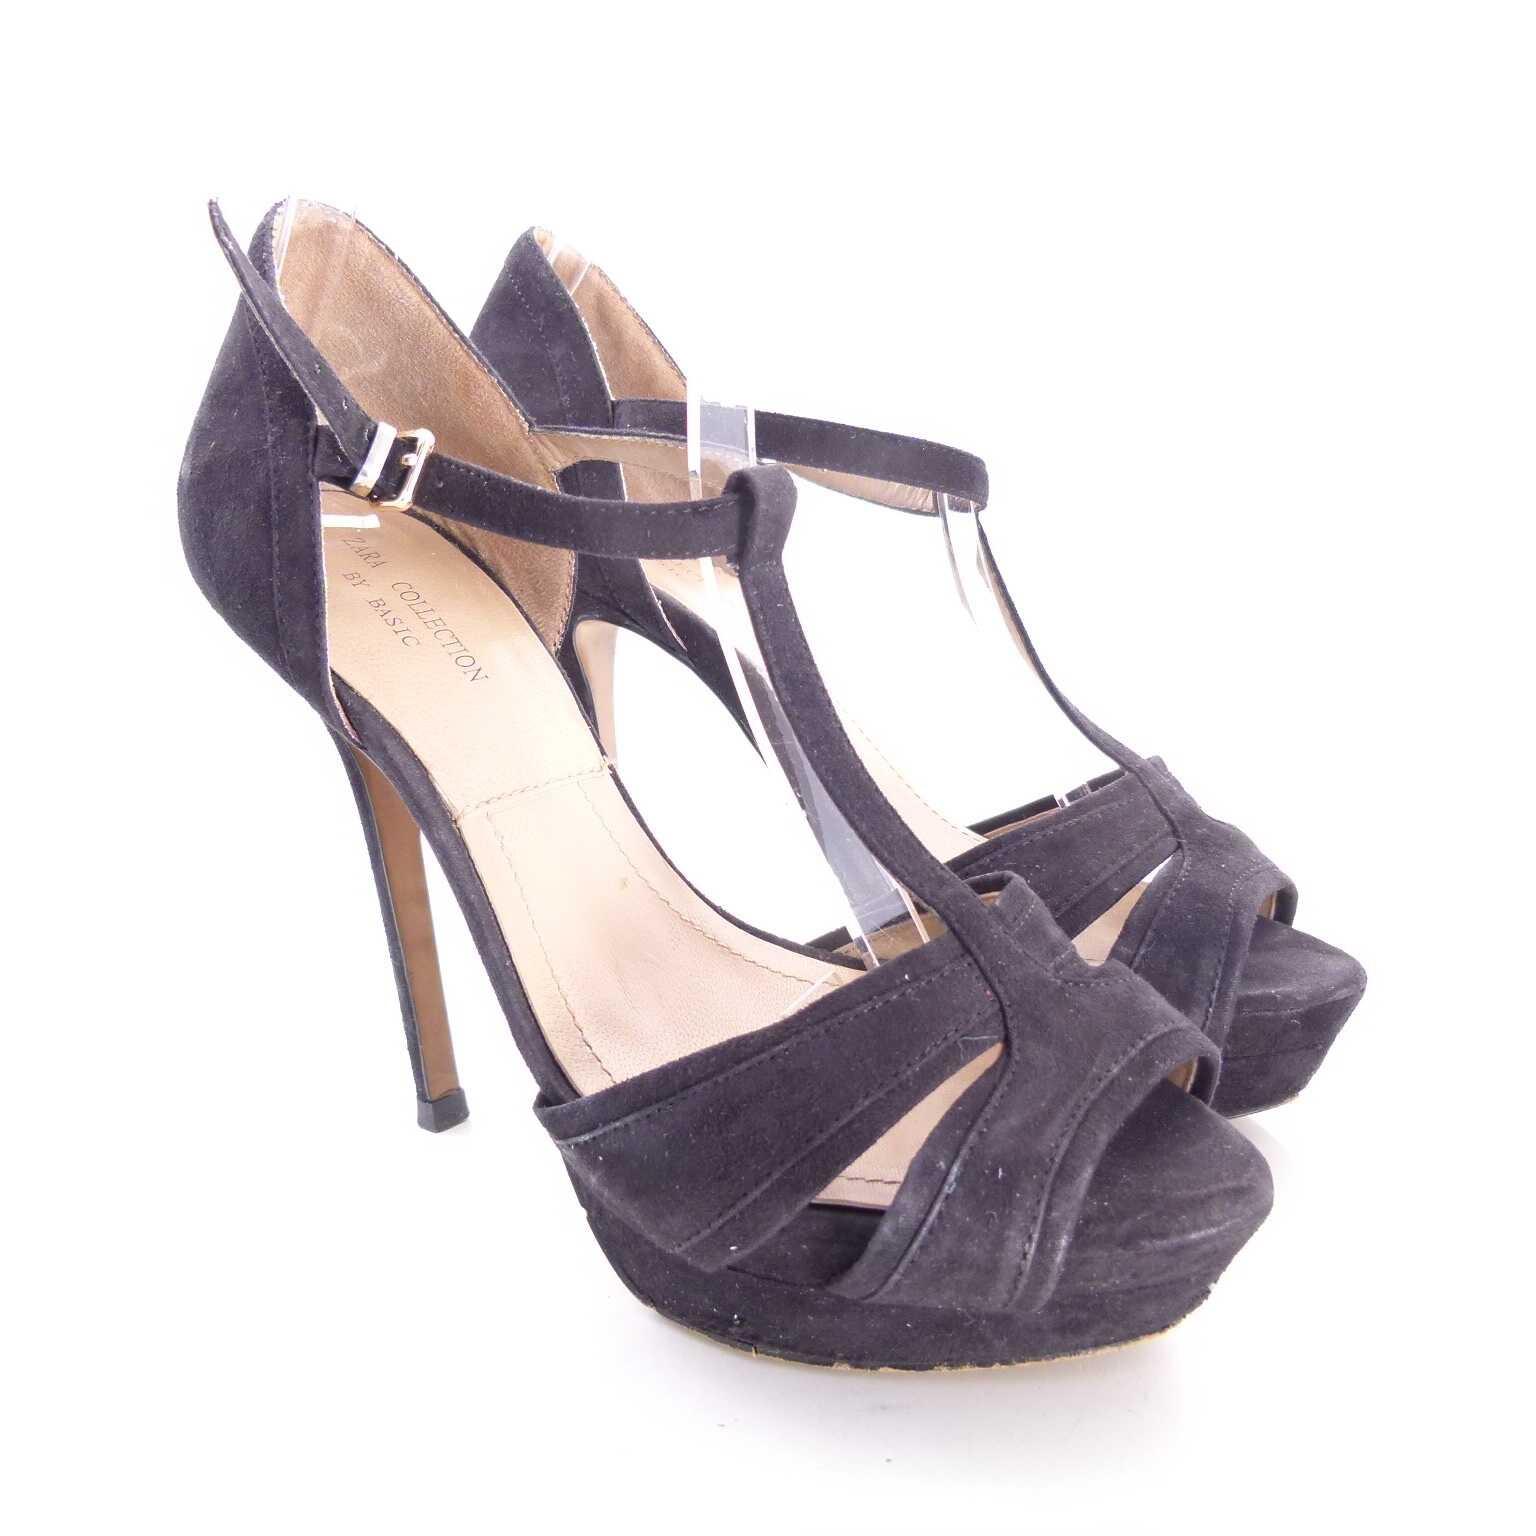 zara riemchen high heels wildleder sandaletten schuhe gr 37 schwarz ahb women schuhe sonstiges. Black Bedroom Furniture Sets. Home Design Ideas